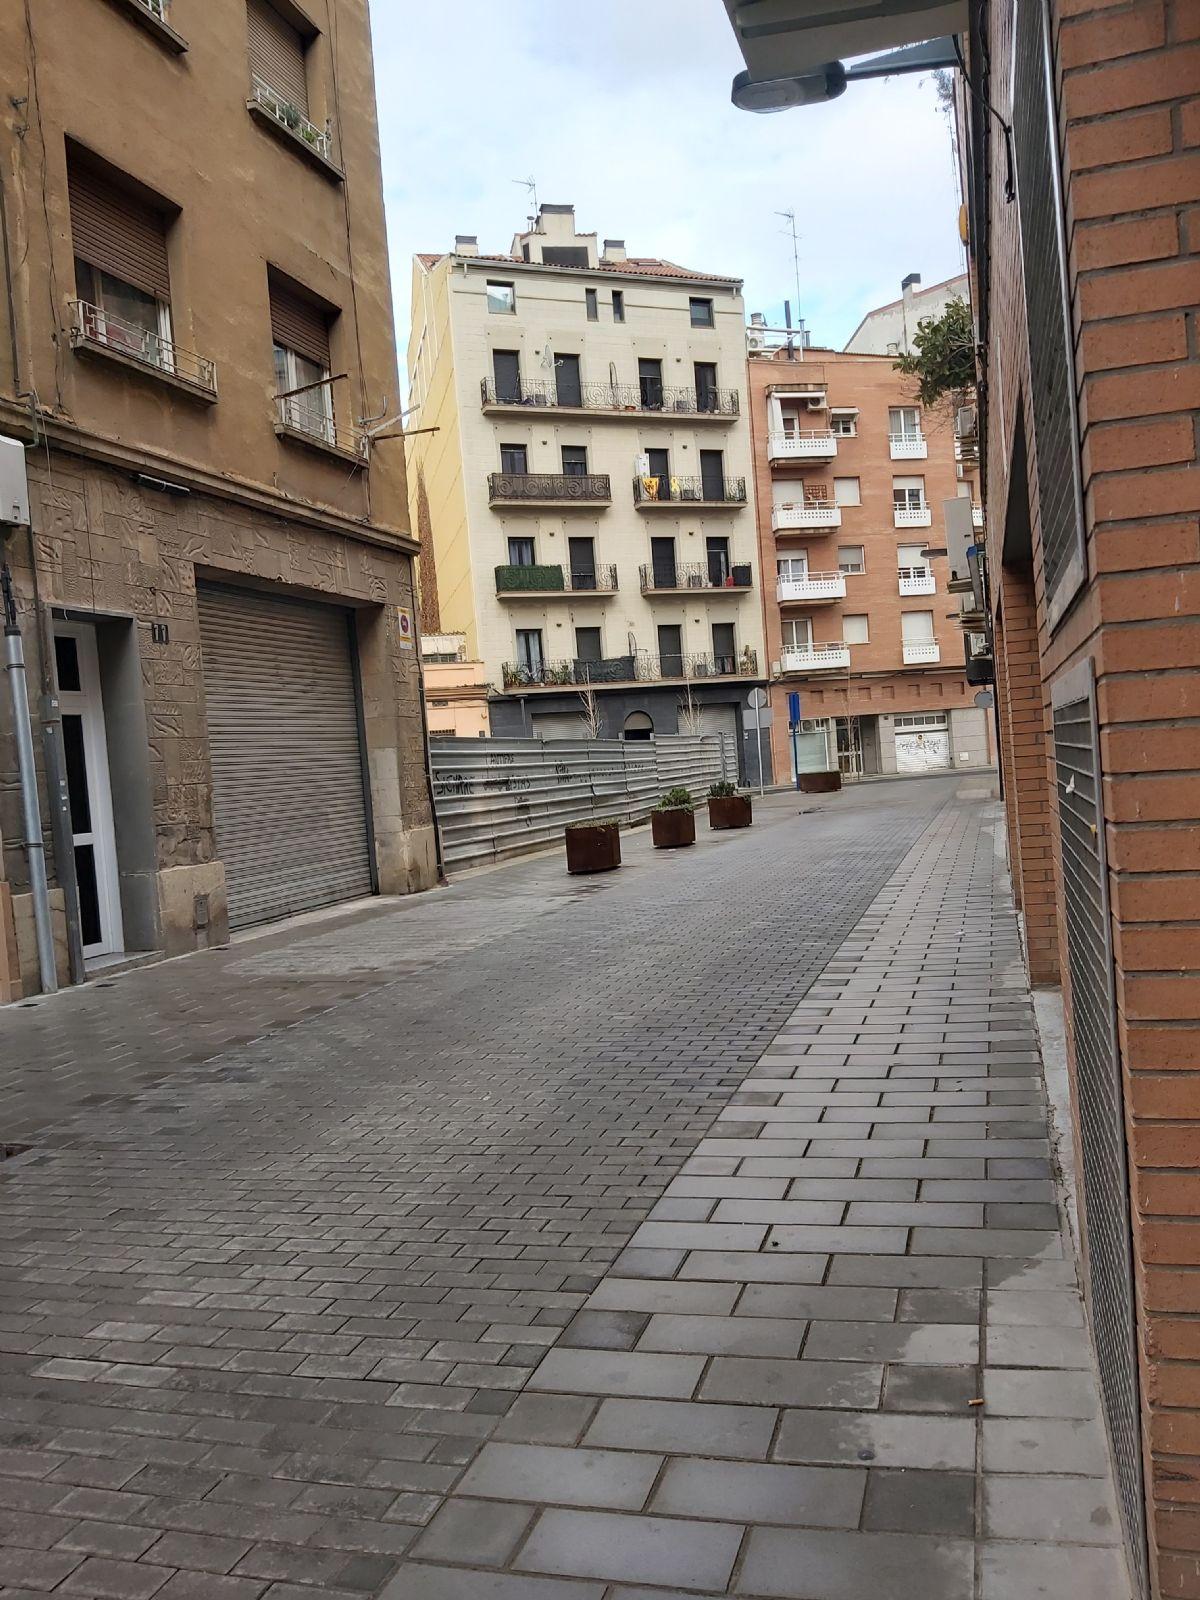 Piso en venta en Lleida, Lleida, Pasaje Miquel Fargas, 65.000 €, 4 habitaciones, 1 baño, 99 m2